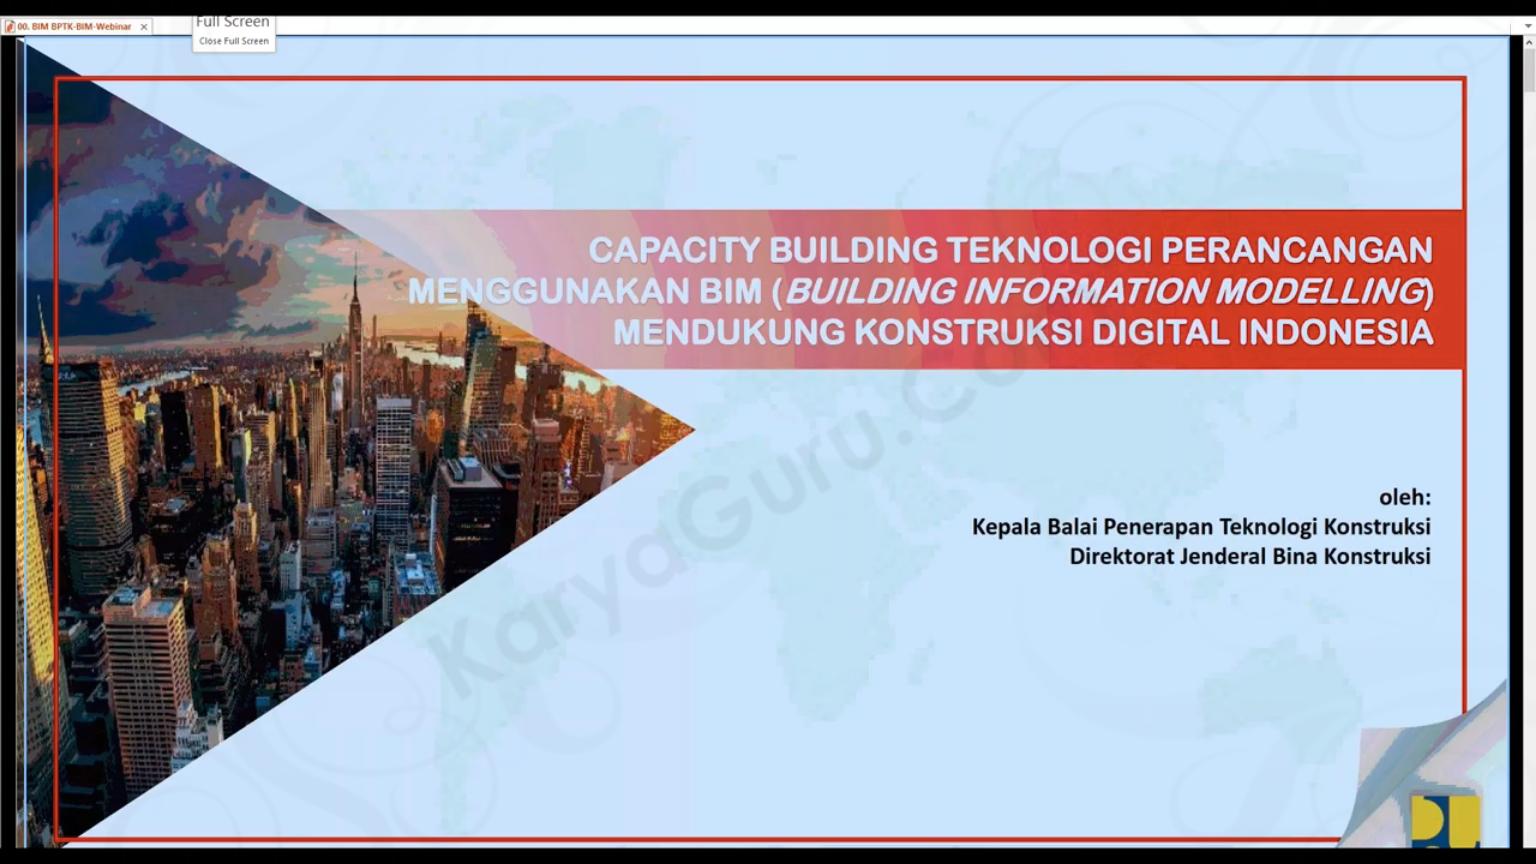 Teknologi Perancangan menggunakan BIM mendukung Konstruksi Digital Indonesia